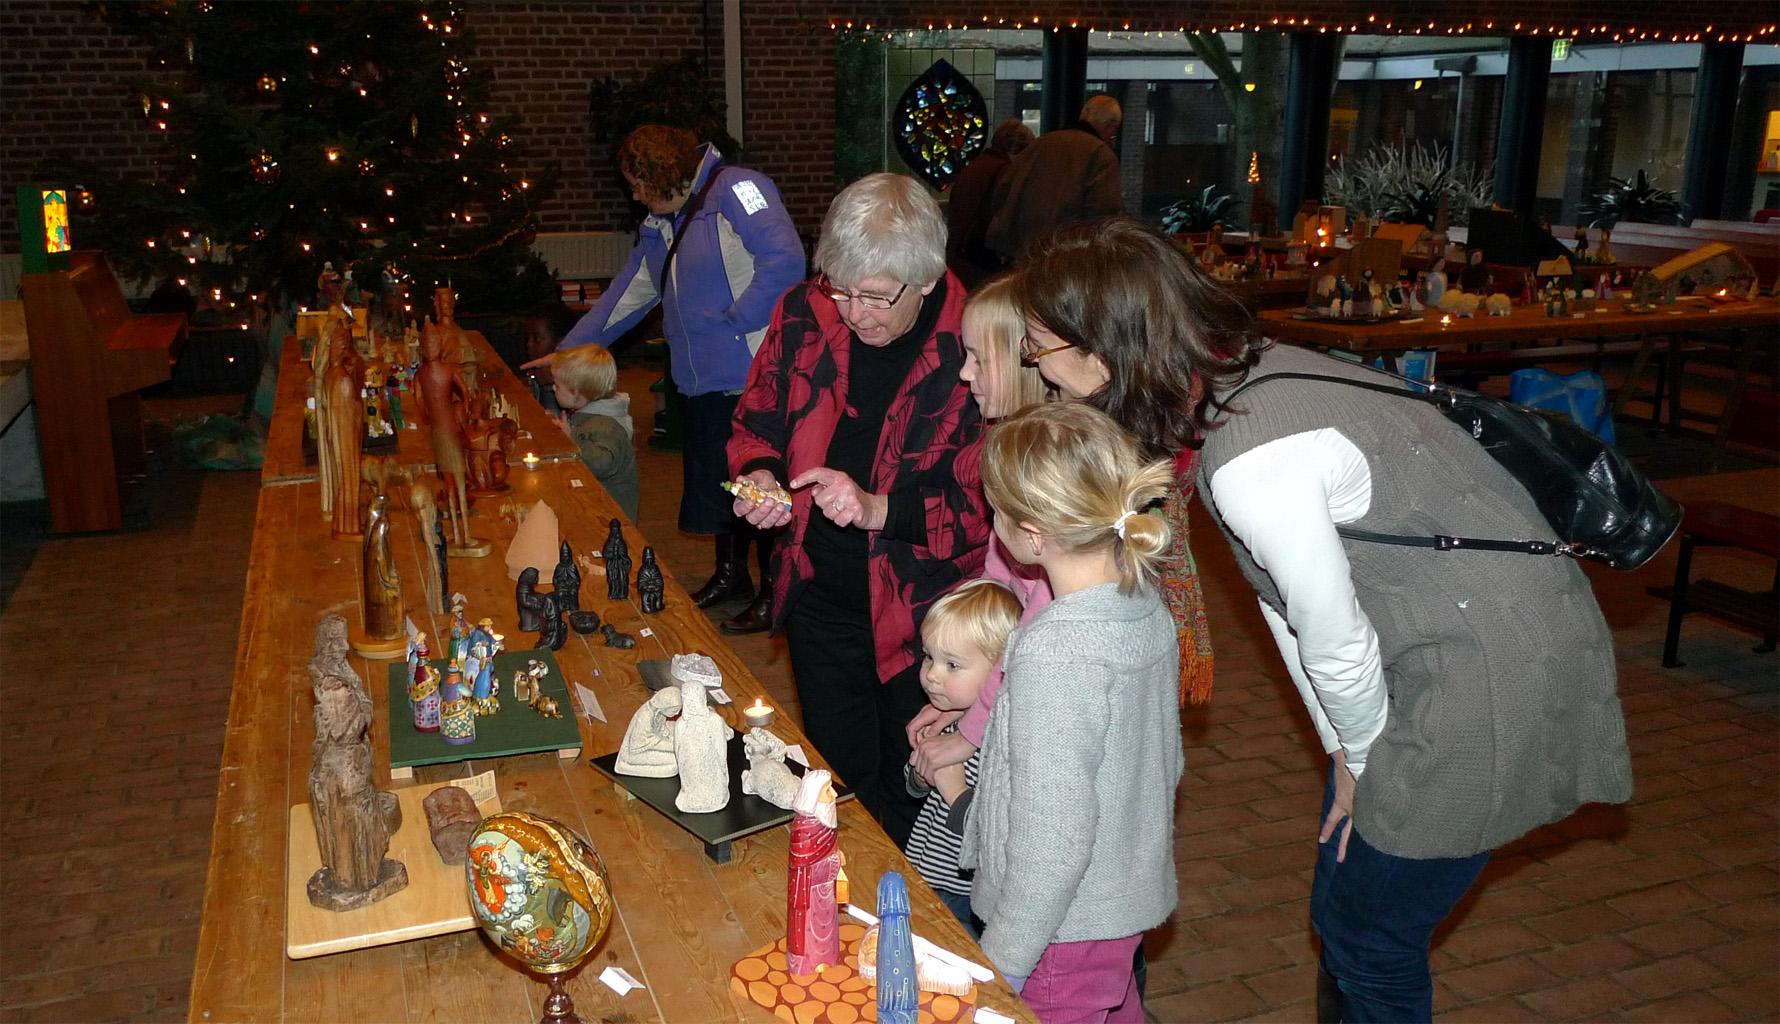 kerststal 689 Uitleg over de beelden